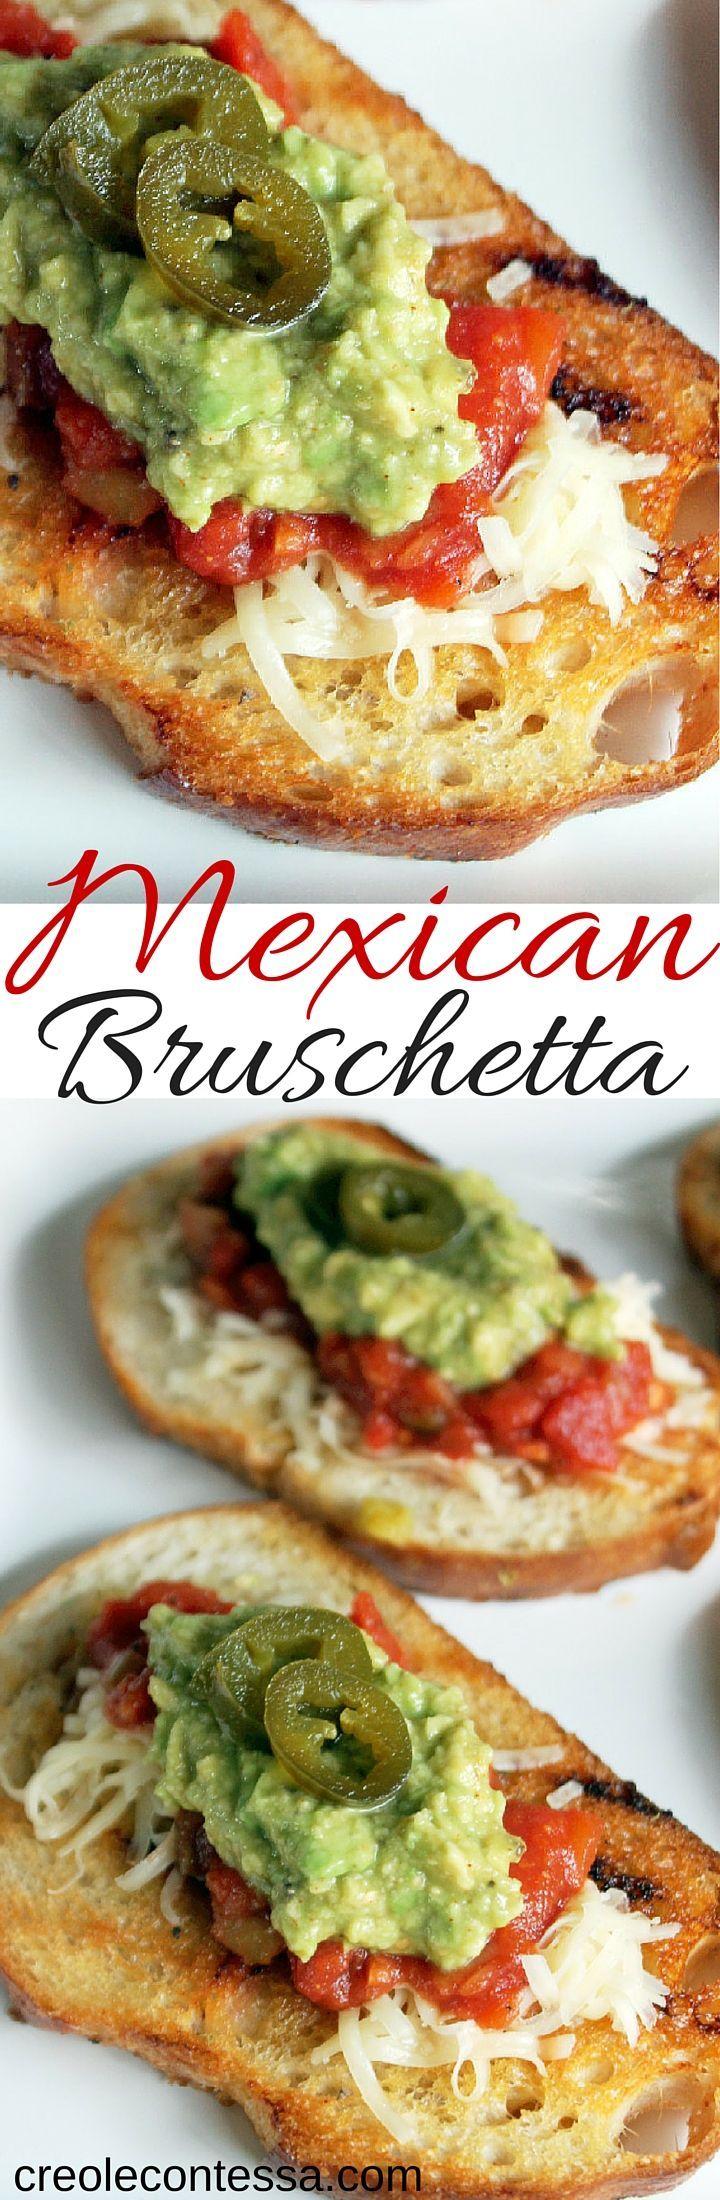 Mexican Bruschetta Creole Contessa